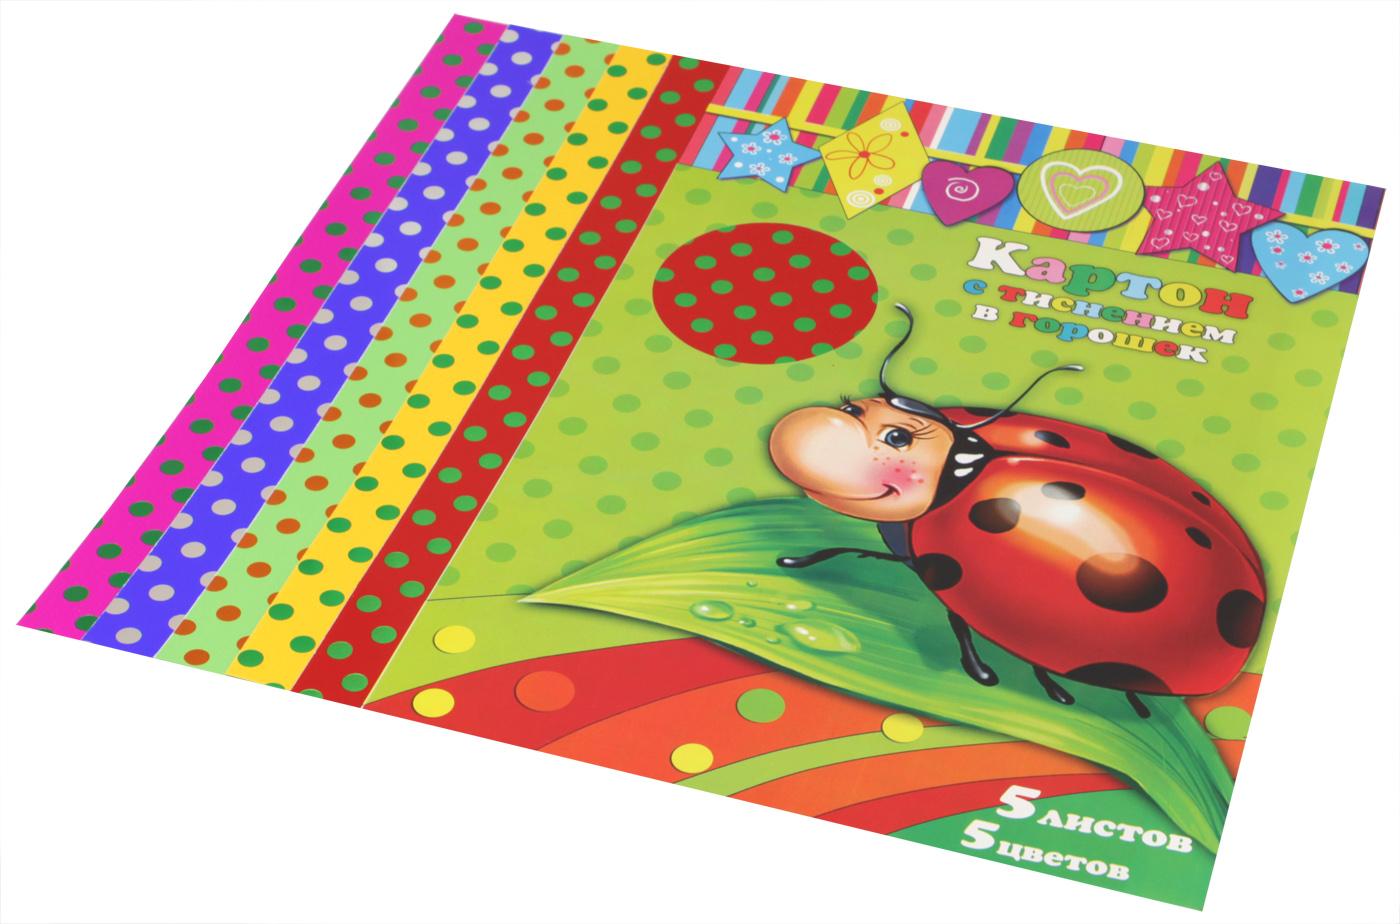 Феникс+ Картон для хобби и рукоделия цветной в горошек формат А4 5 листов34000Картон цветной с тиснением в горошек. 5 листов, 5 цветов. Красный Желтый Зеленый Синий Малиновый. Размер: 210х297 мм. Обложка - мелованная бумага. В индивидуальной ПЭТ-упаковке.